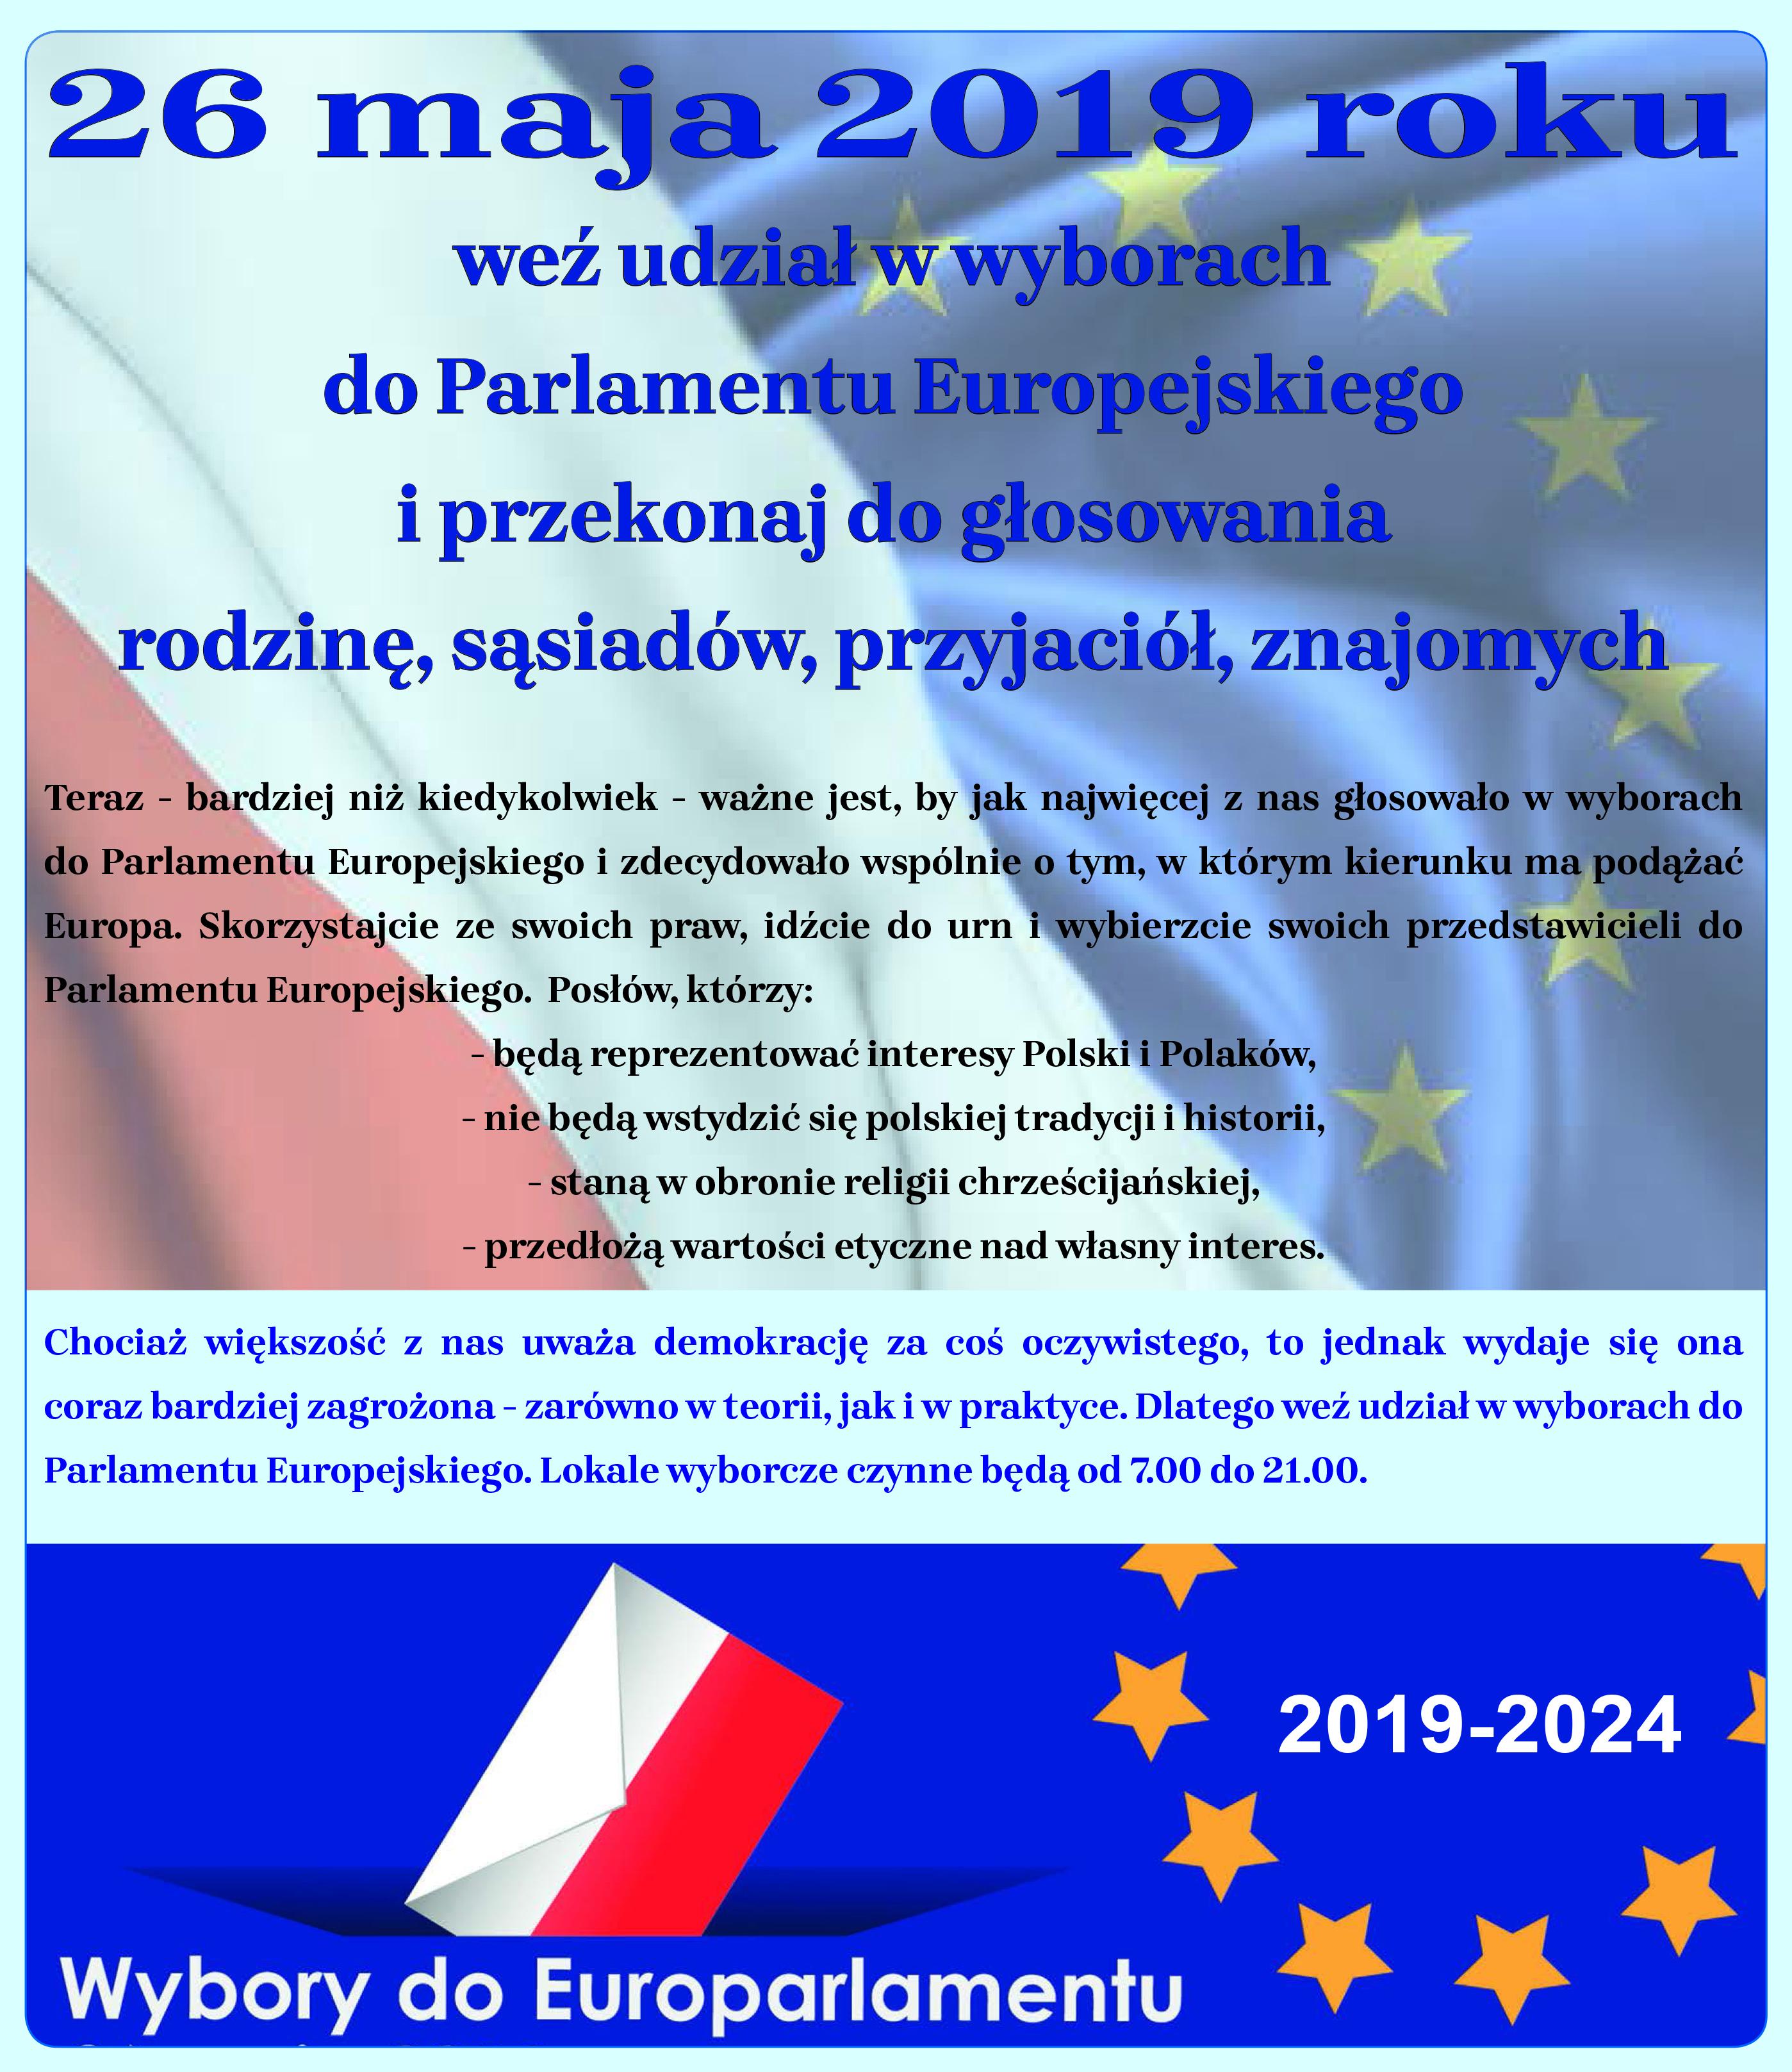 plakat_wybory_do_europarlamentu_2019